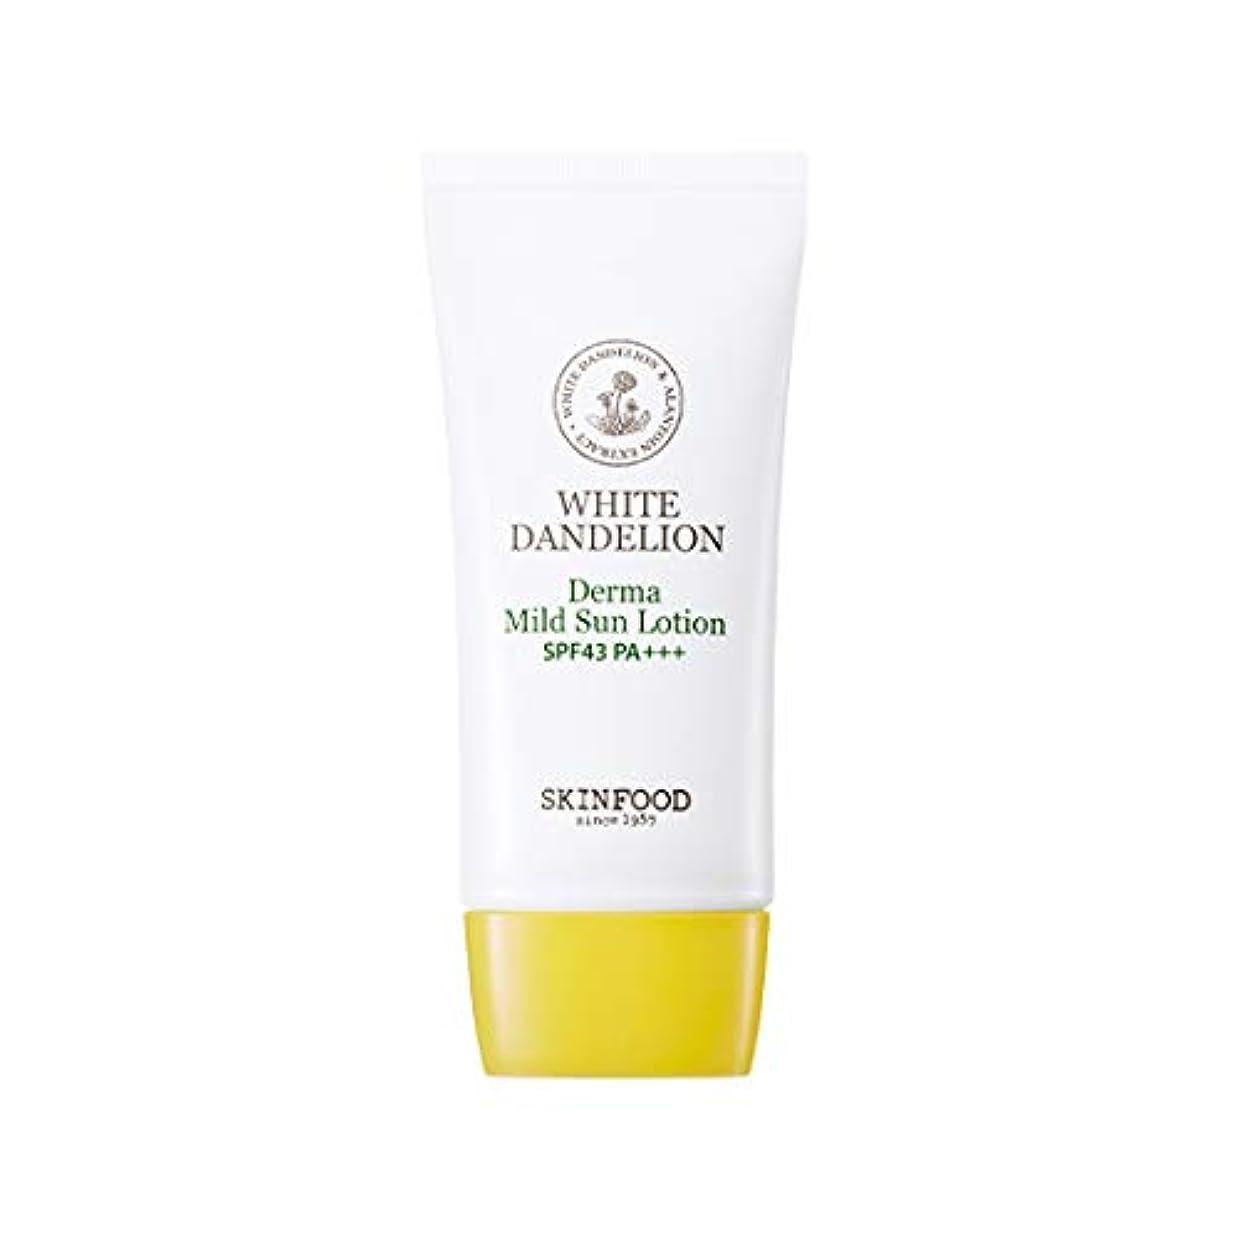 説明的交通渋滞大学院Skinfood ホワイトタンポポダーママイルドサンローションSPF43 PA +++ / White Dandelion Derma Mild Sun Lotion SPF43 PA+++ 50g [並行輸入品]